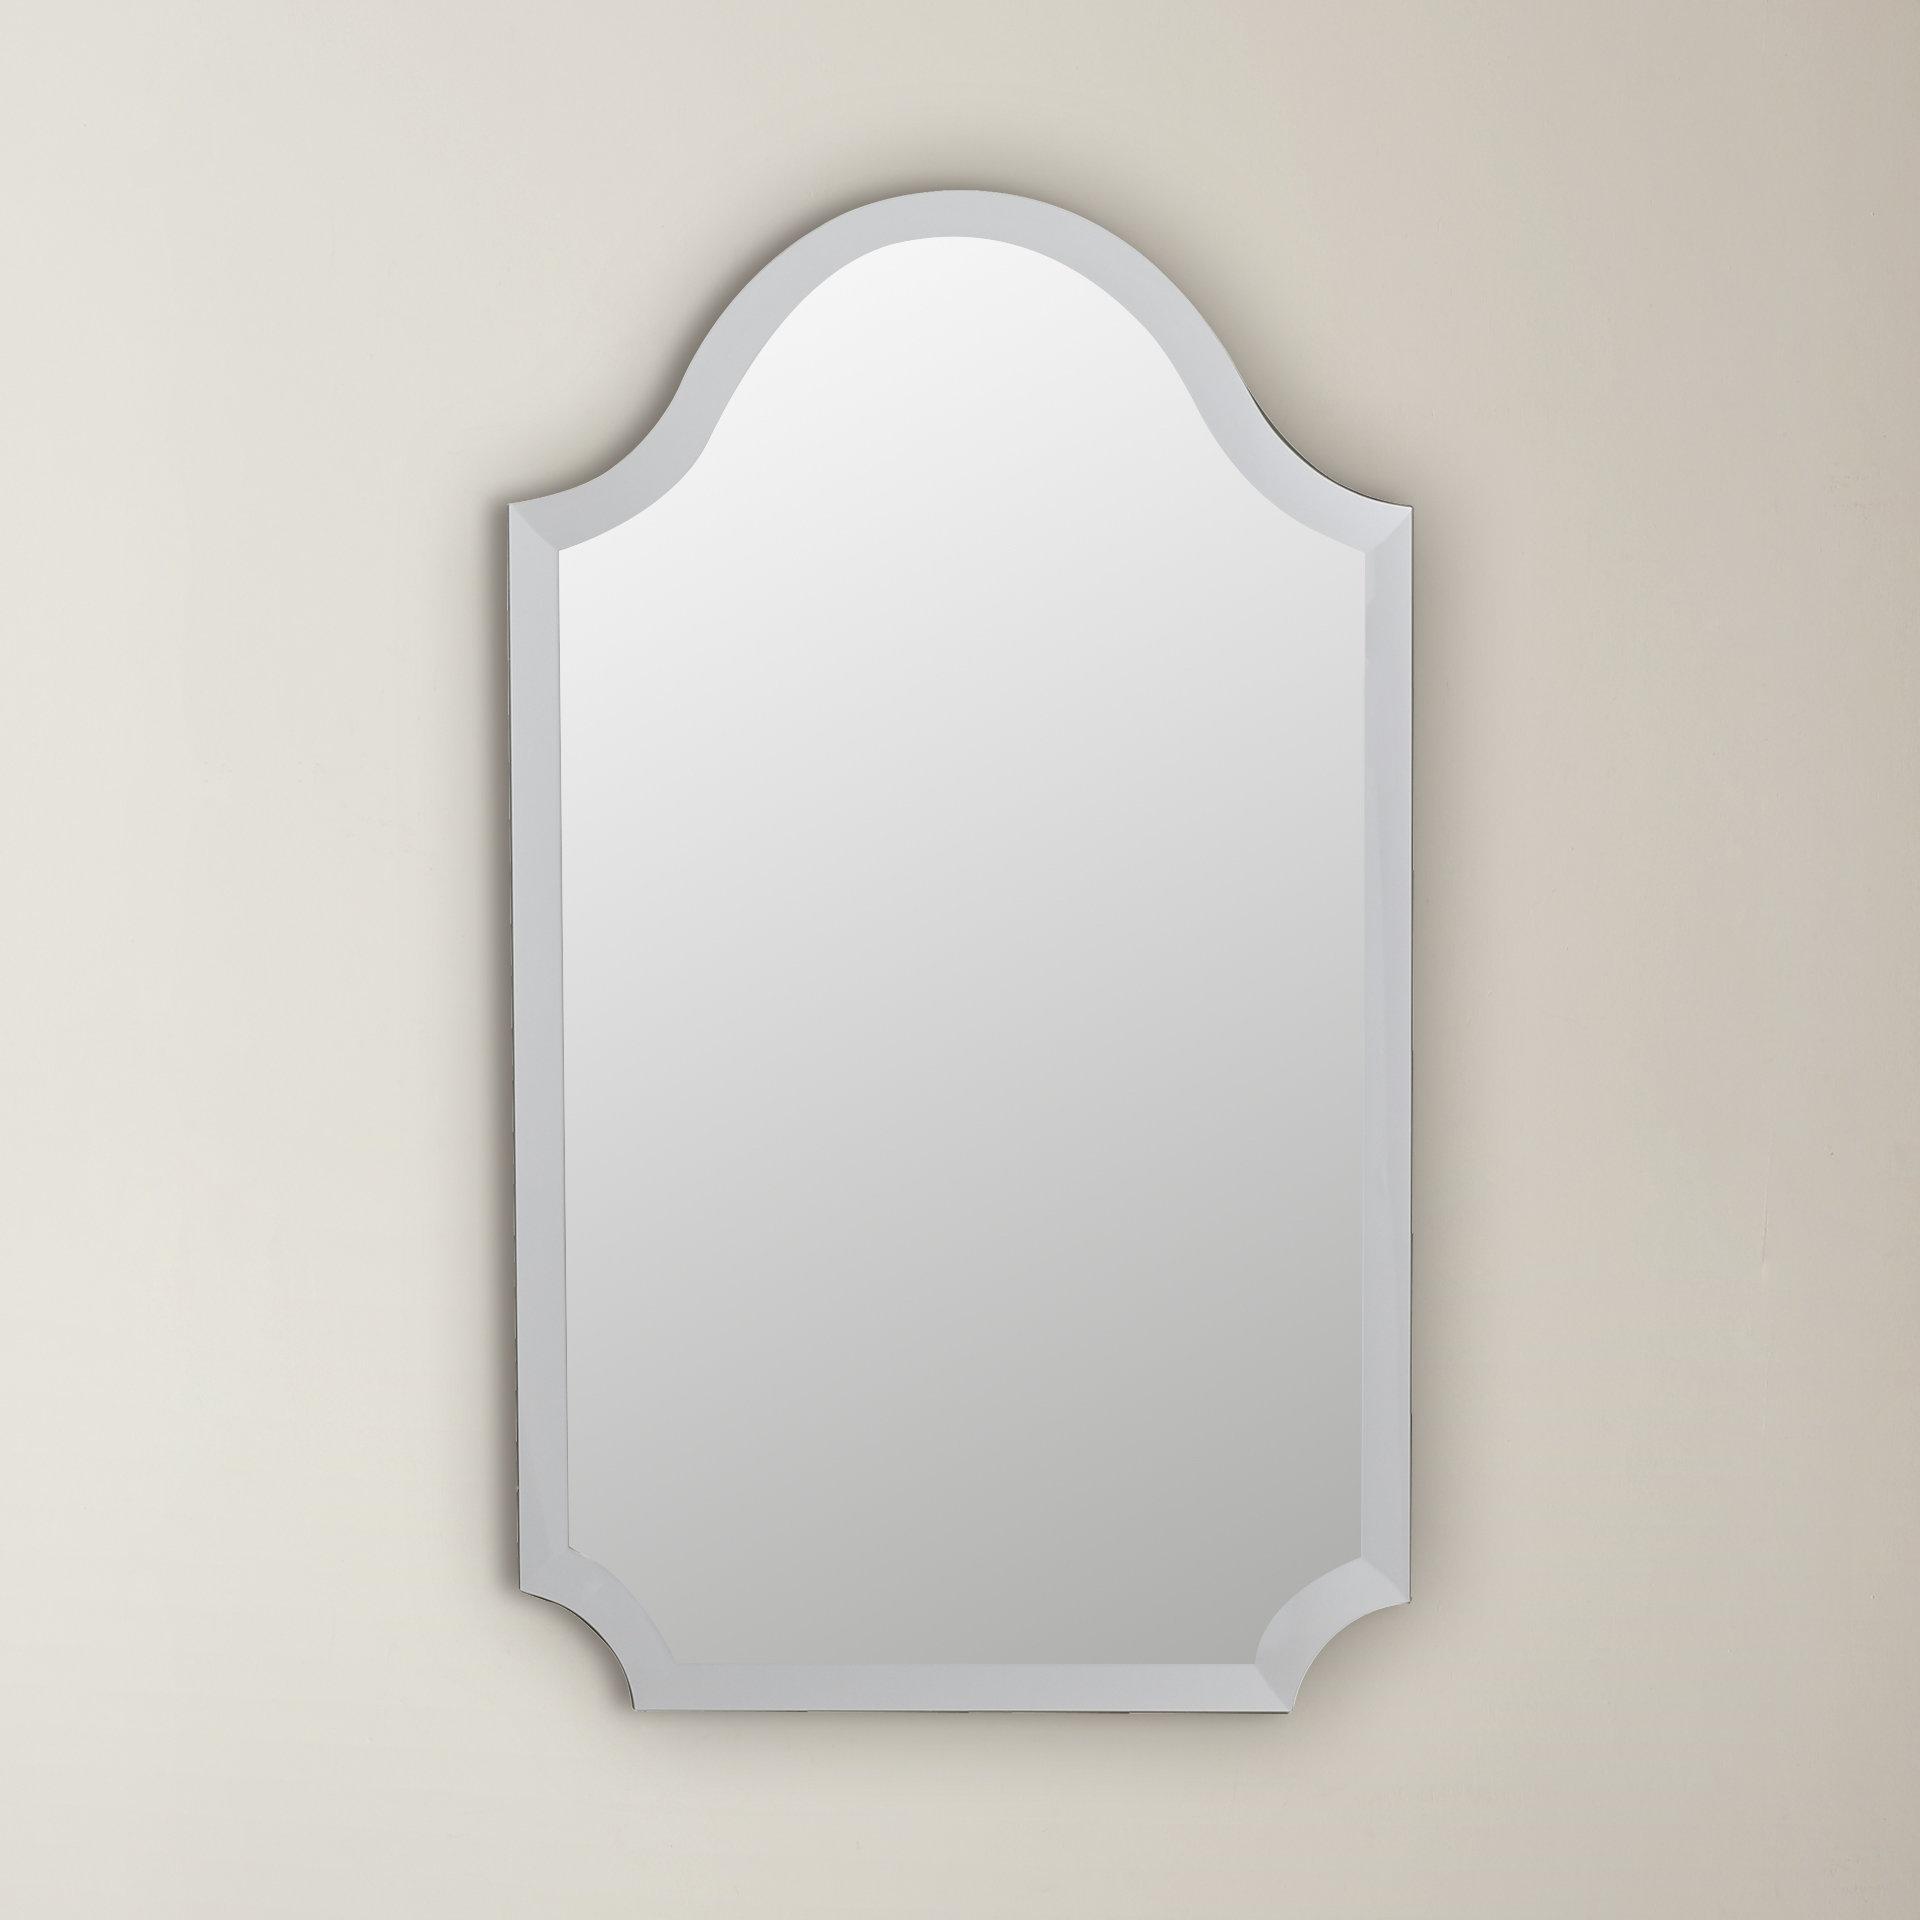 Most Popular Dariel Tall Arched Scalloped Wall Mirrors Inside Willa Arlo Interiors Dariel Tall Arched Scalloped Wall Mirror (View 13 of 20)